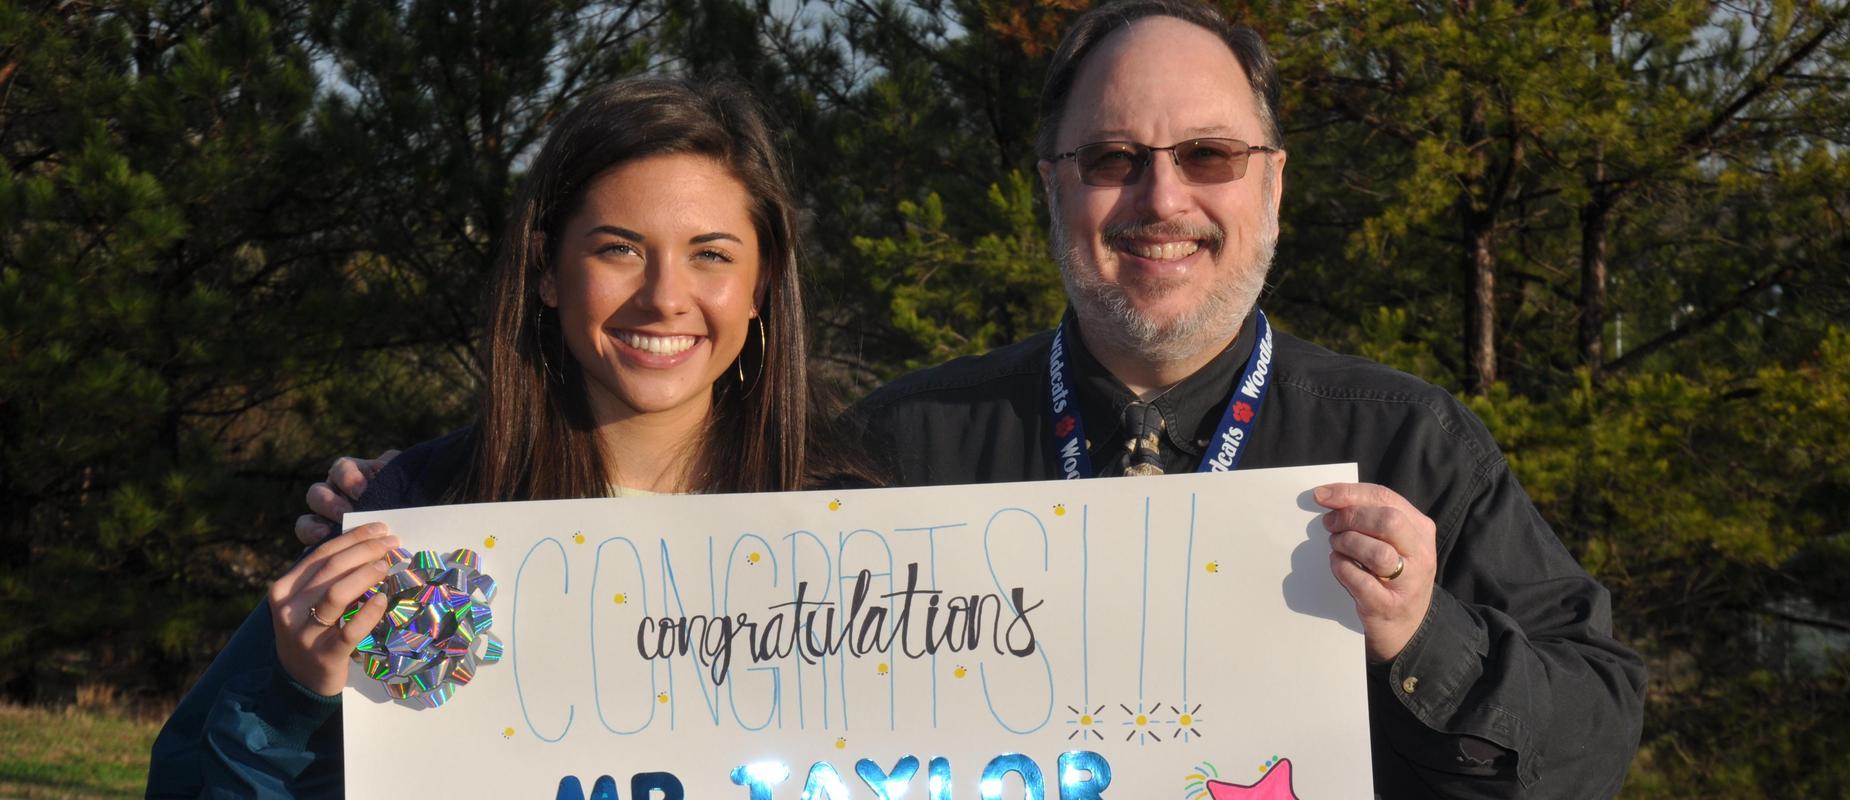 McKenna Trapheagen Wins WHS STAR Student Award!